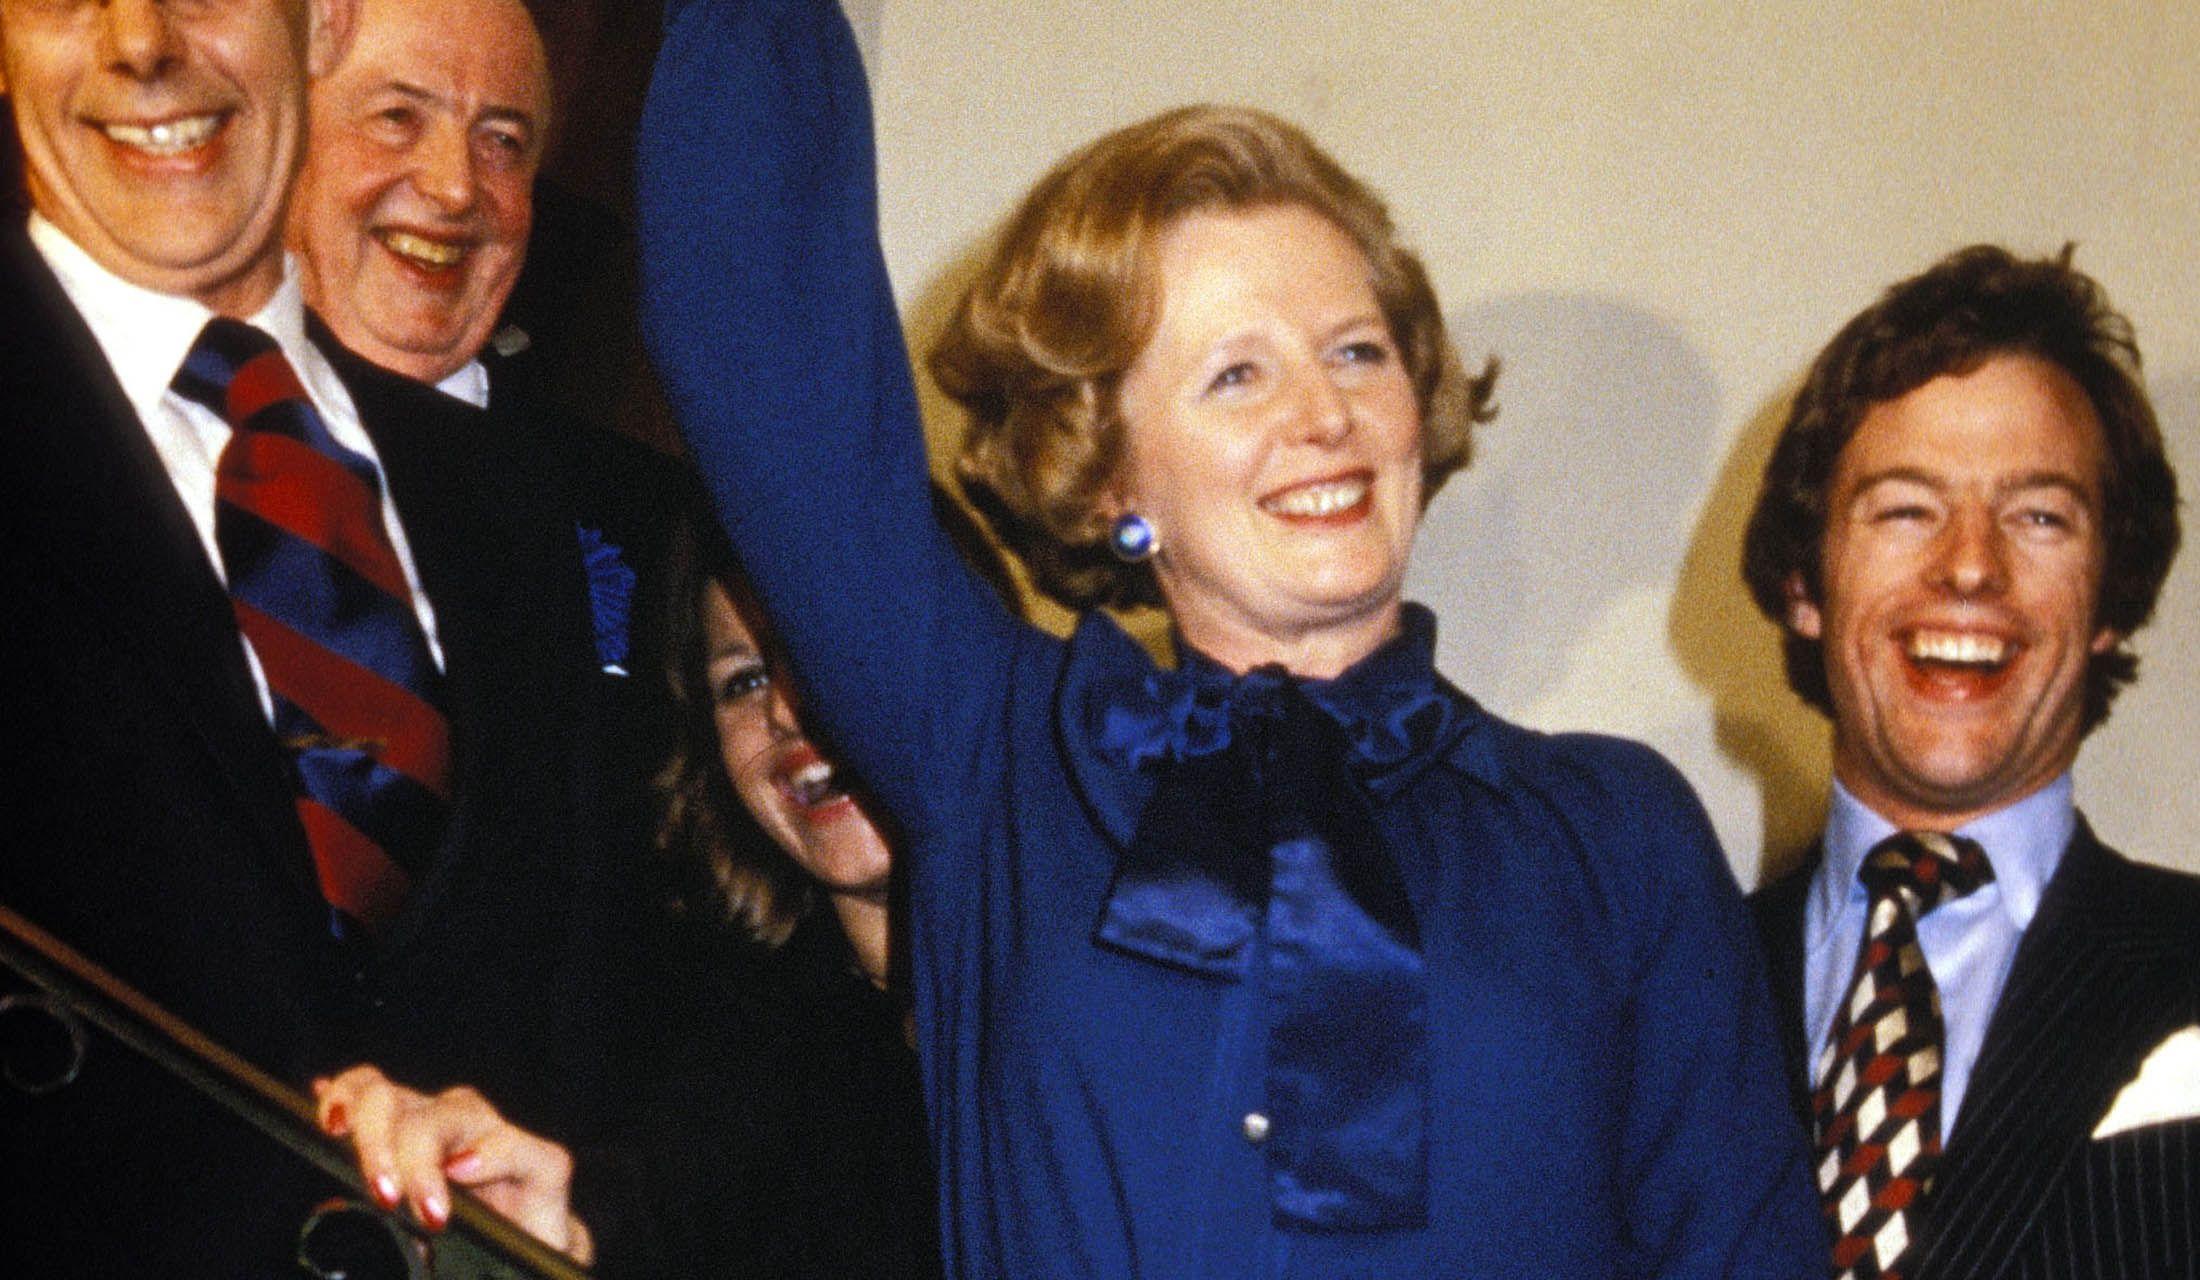 ブルーのスーツを着こなすマーガレット・サッチャー